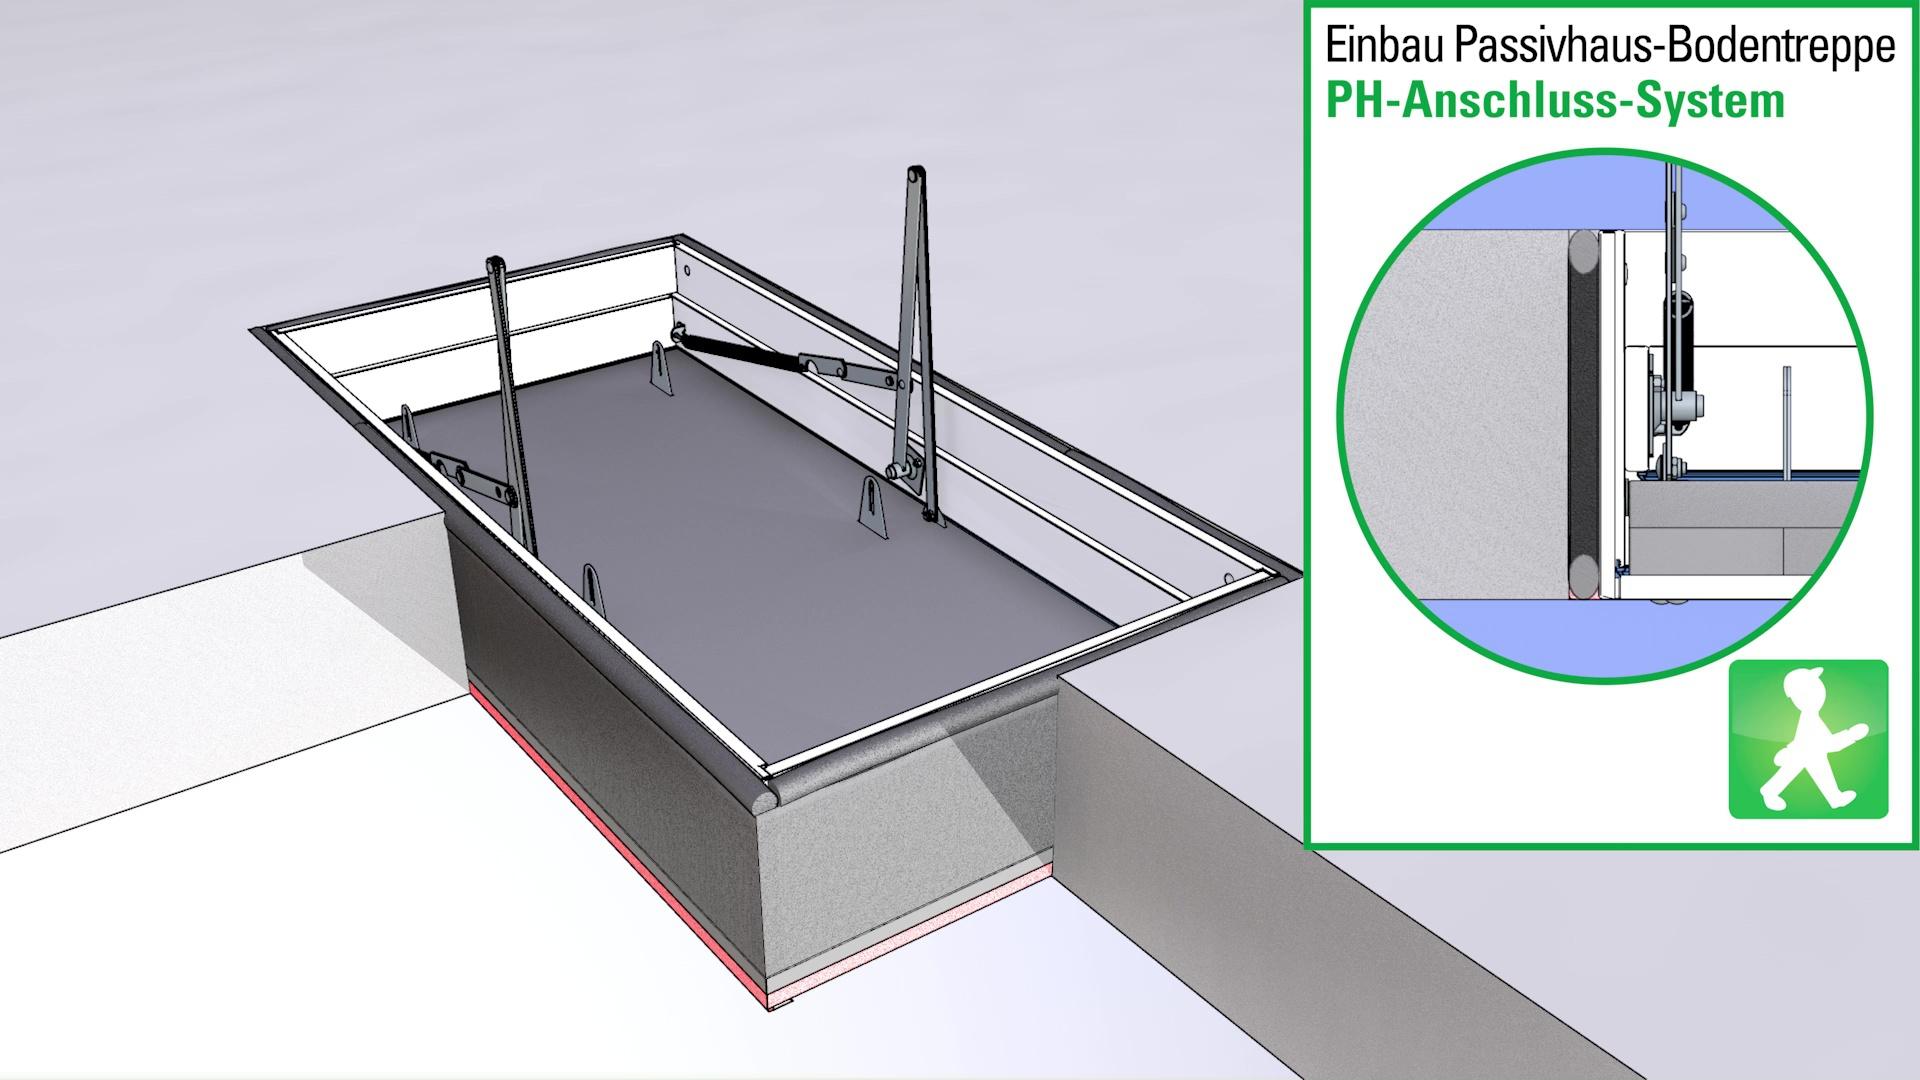 einbauen trzarge vertikal ausrichten with einbauen excellent ob fr den neubau oder bei der. Black Bedroom Furniture Sets. Home Design Ideas